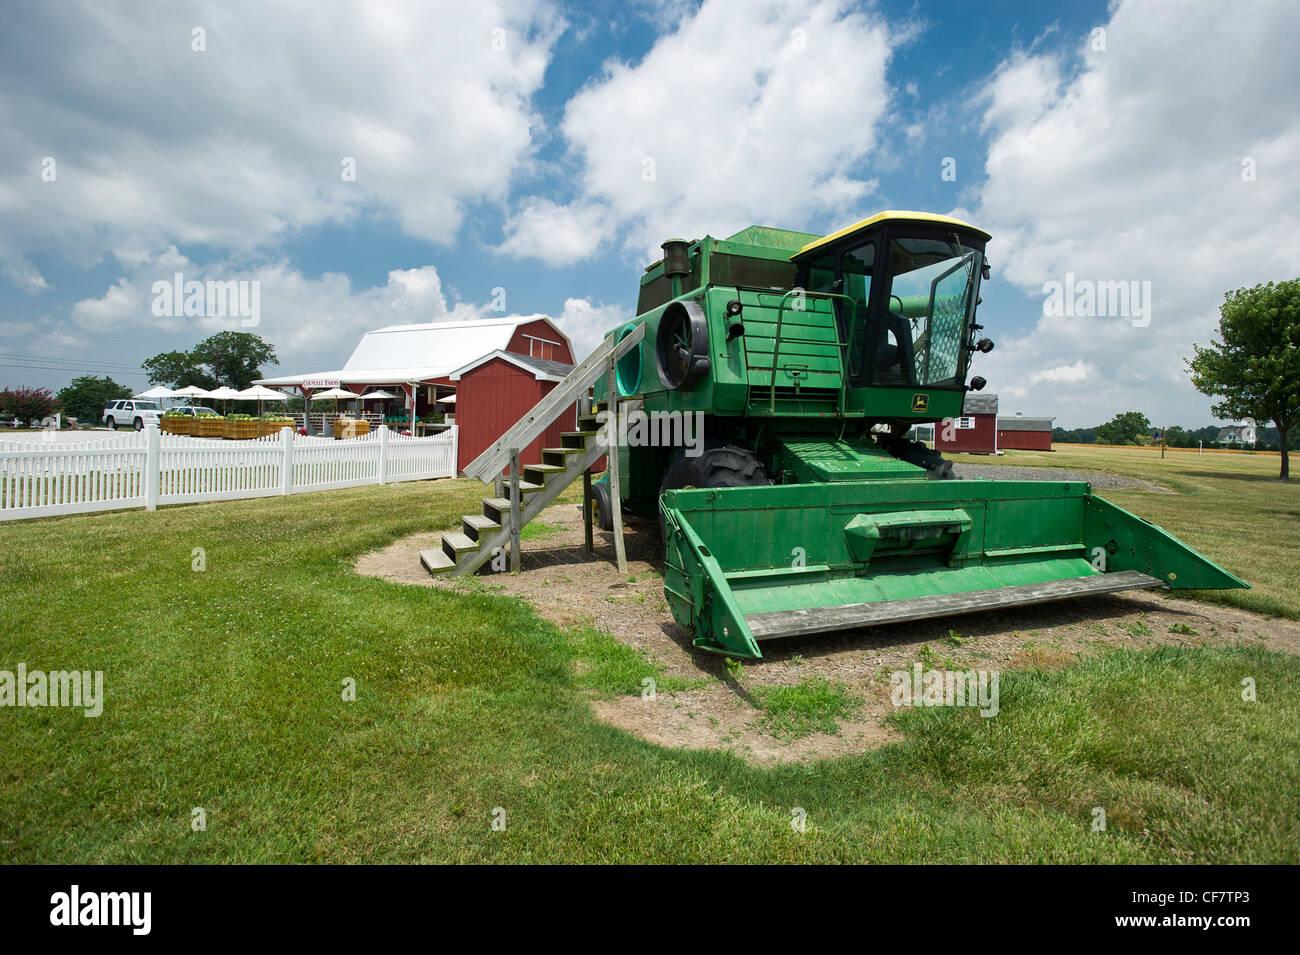 Klettergerüst Traktor : Traktor spielhaus für kinder stockfoto bild: 43813675 alamy